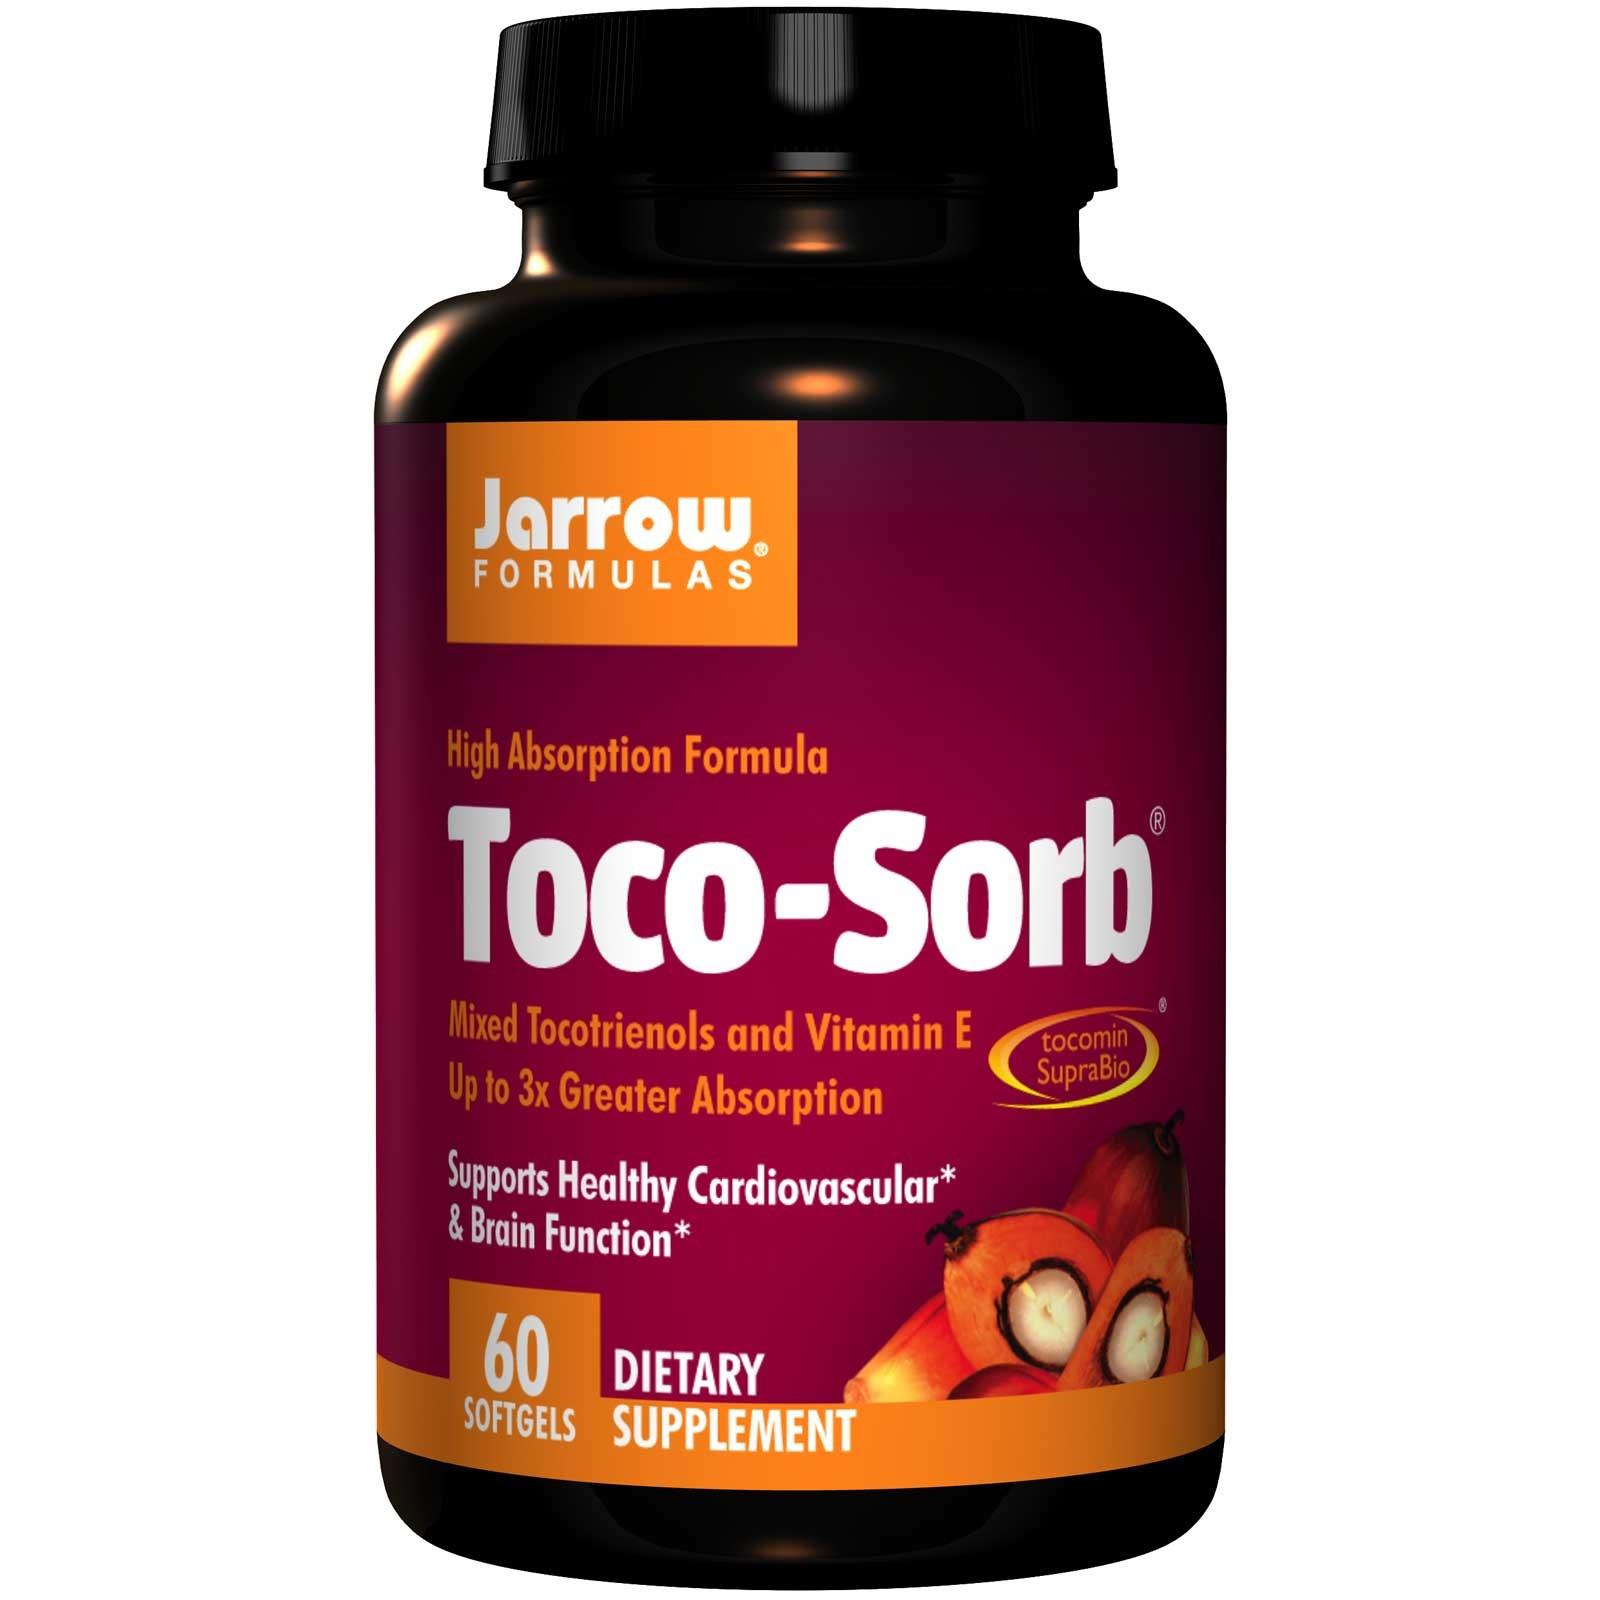 Image of Toco-Sorb miscelati tocotrienoli e vitamina E (60 capsule) - Jarrow Formulas 0790011120261